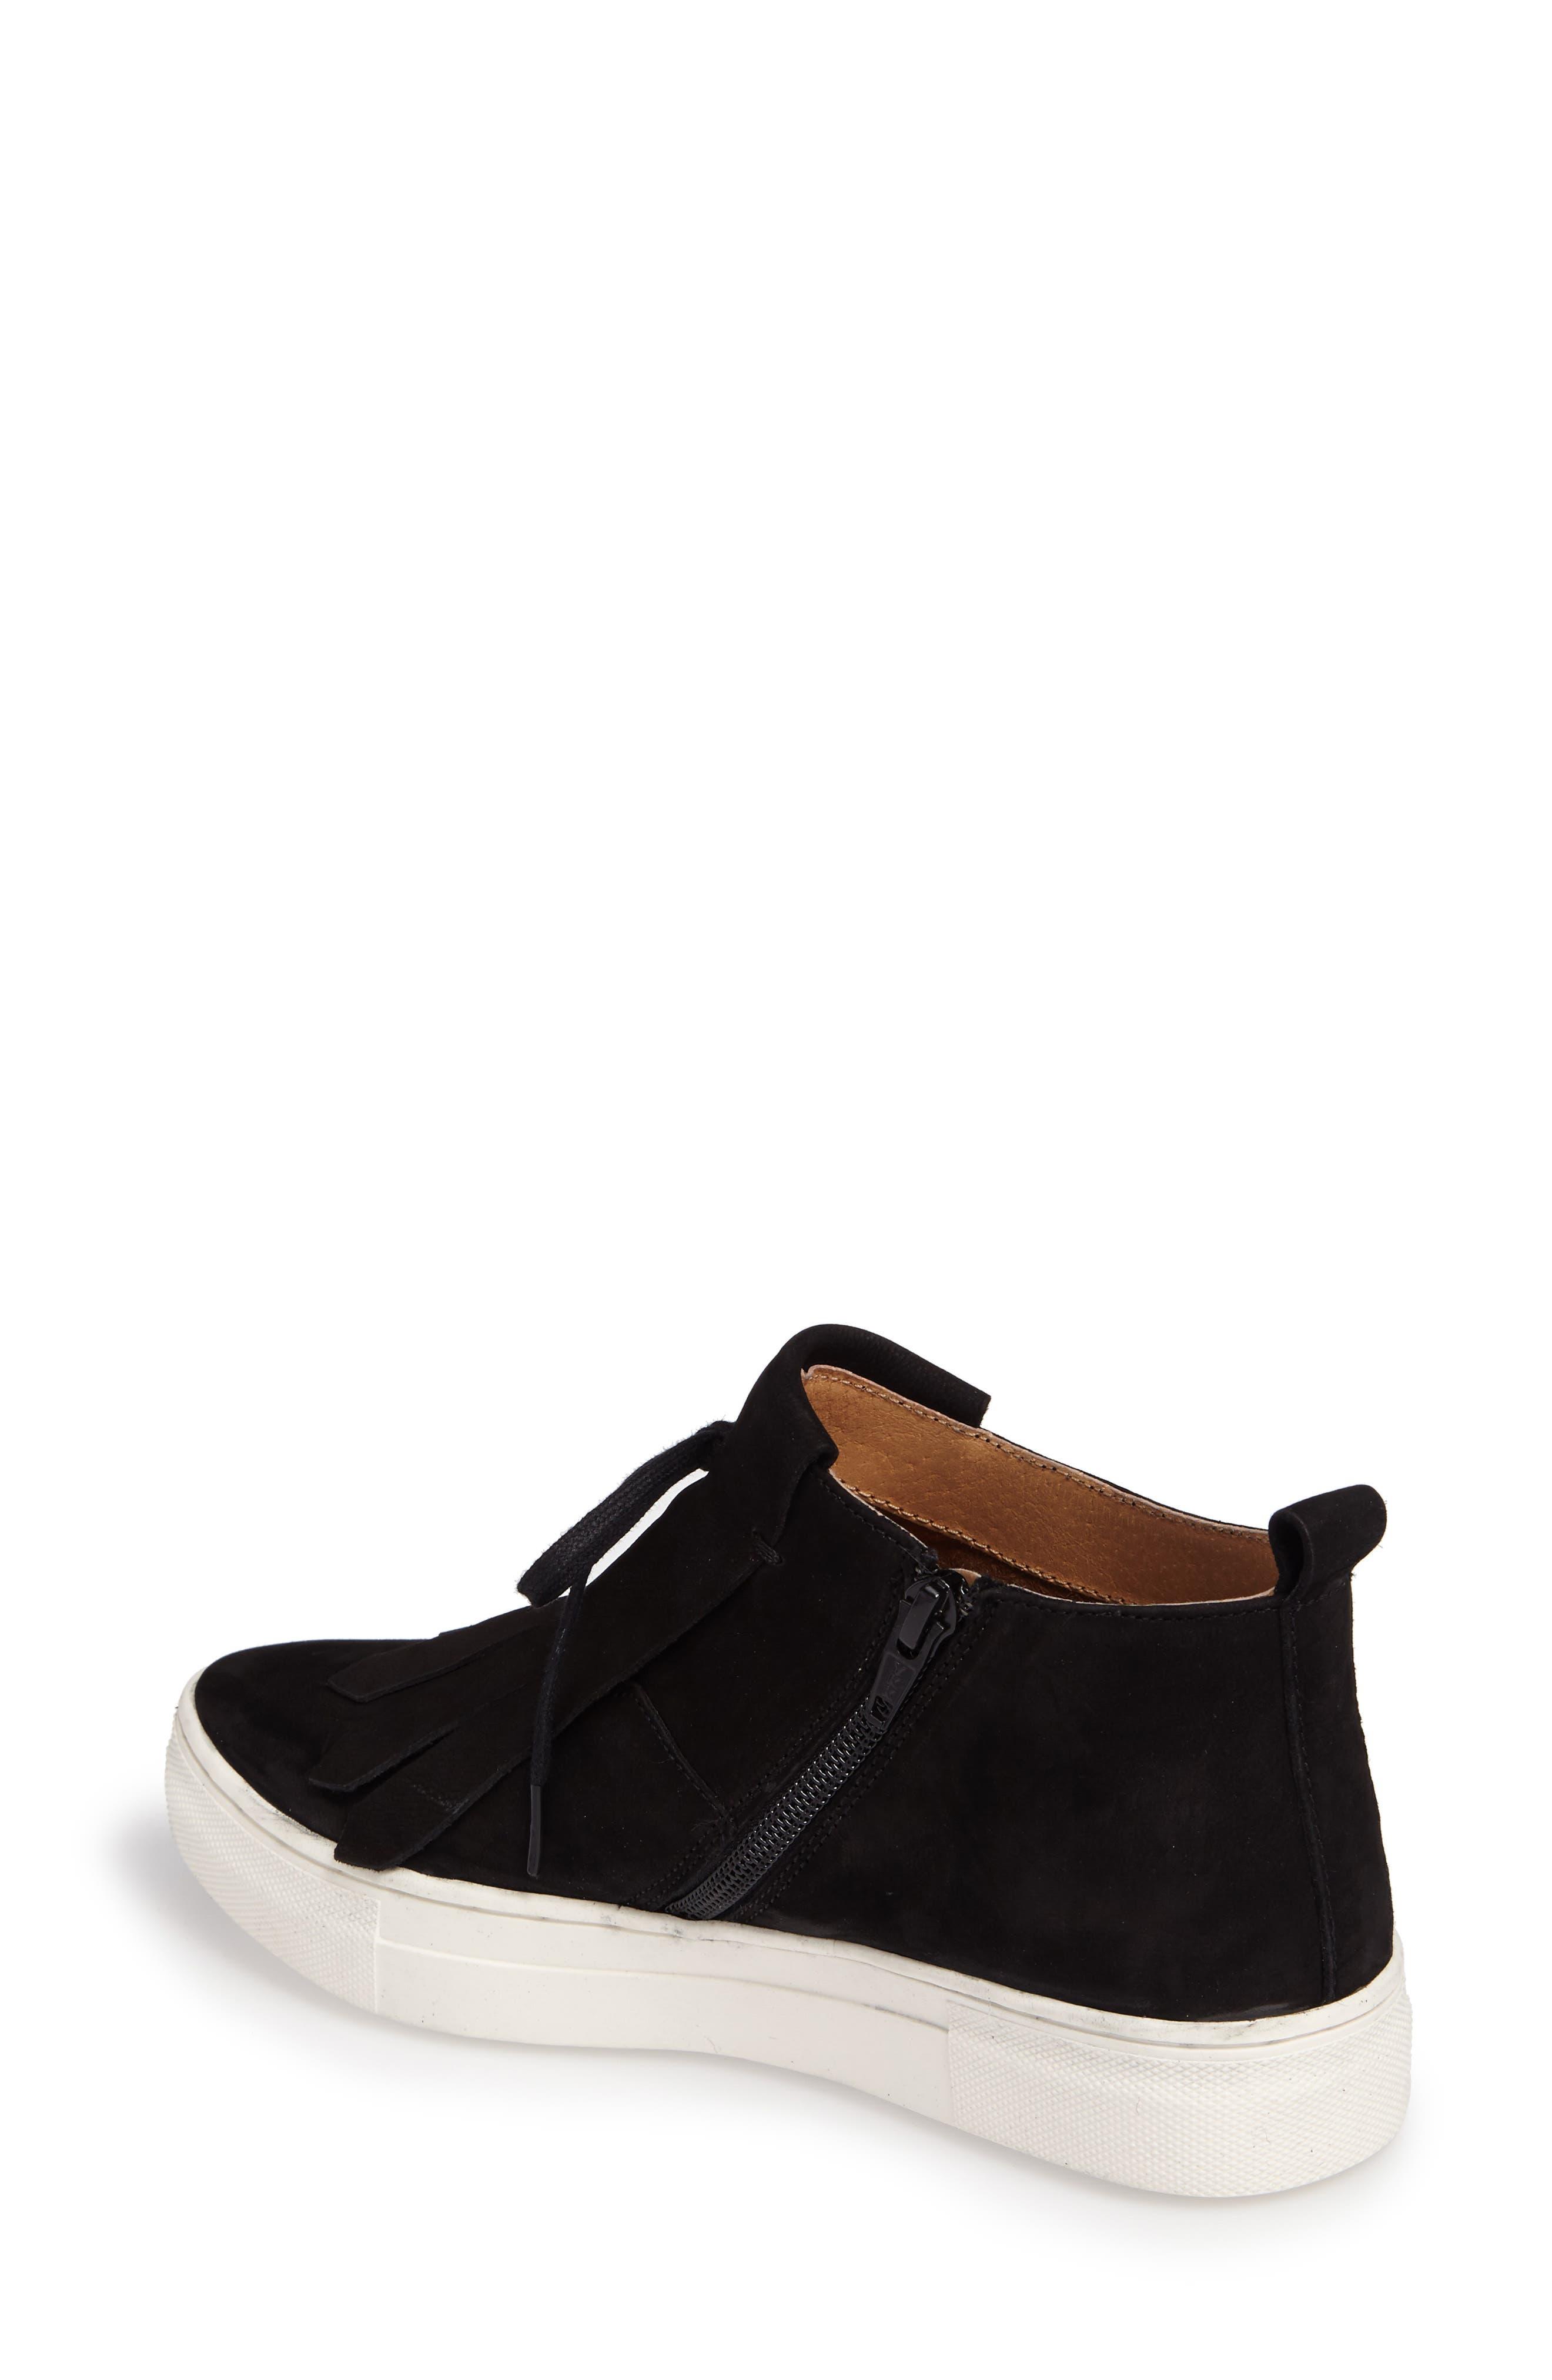 West End Kiltie Sneaker,                             Alternate thumbnail 2, color,                             001